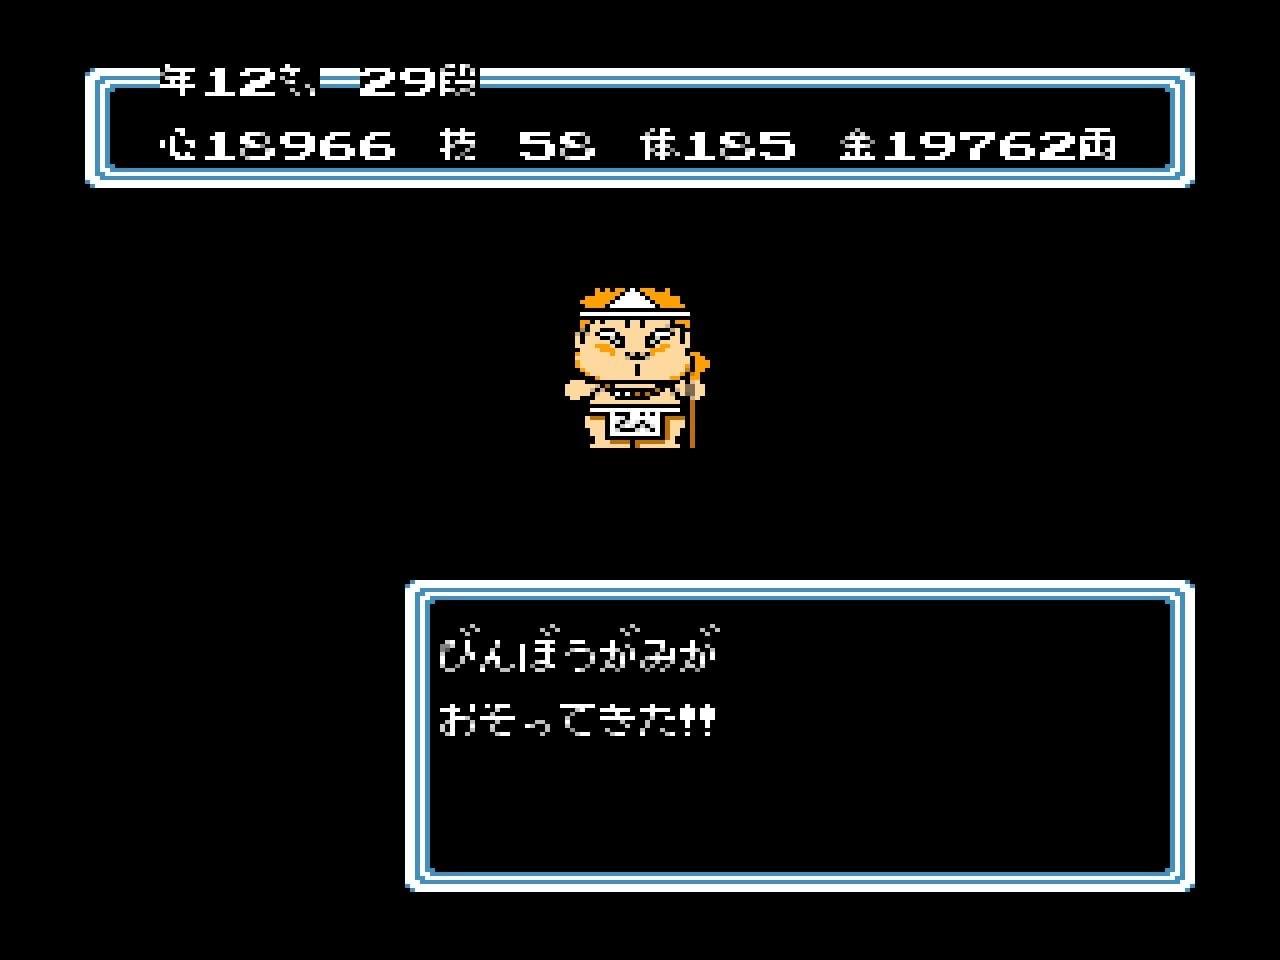 """「鬼狩り」の元祖と言えば…!? まさに""""伝説""""のファミコンRPG『桃太郎伝説』が発売33周年の画像005"""